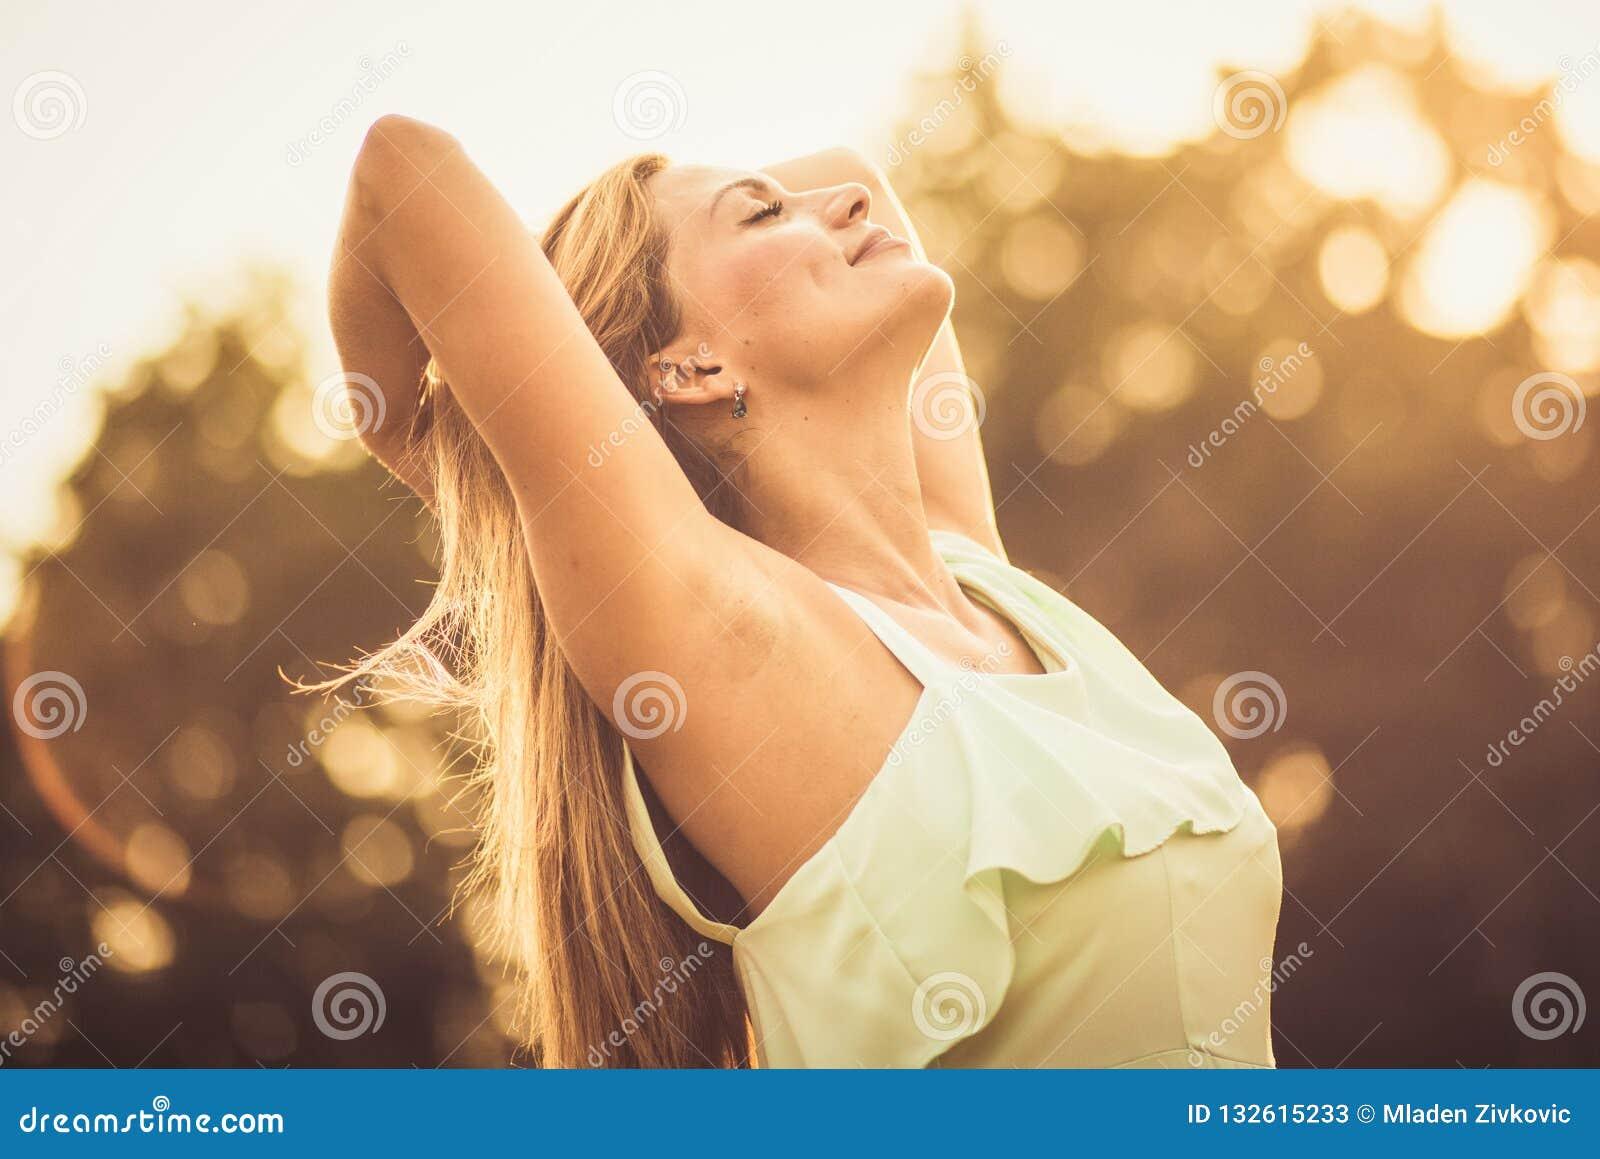 The sun is energy